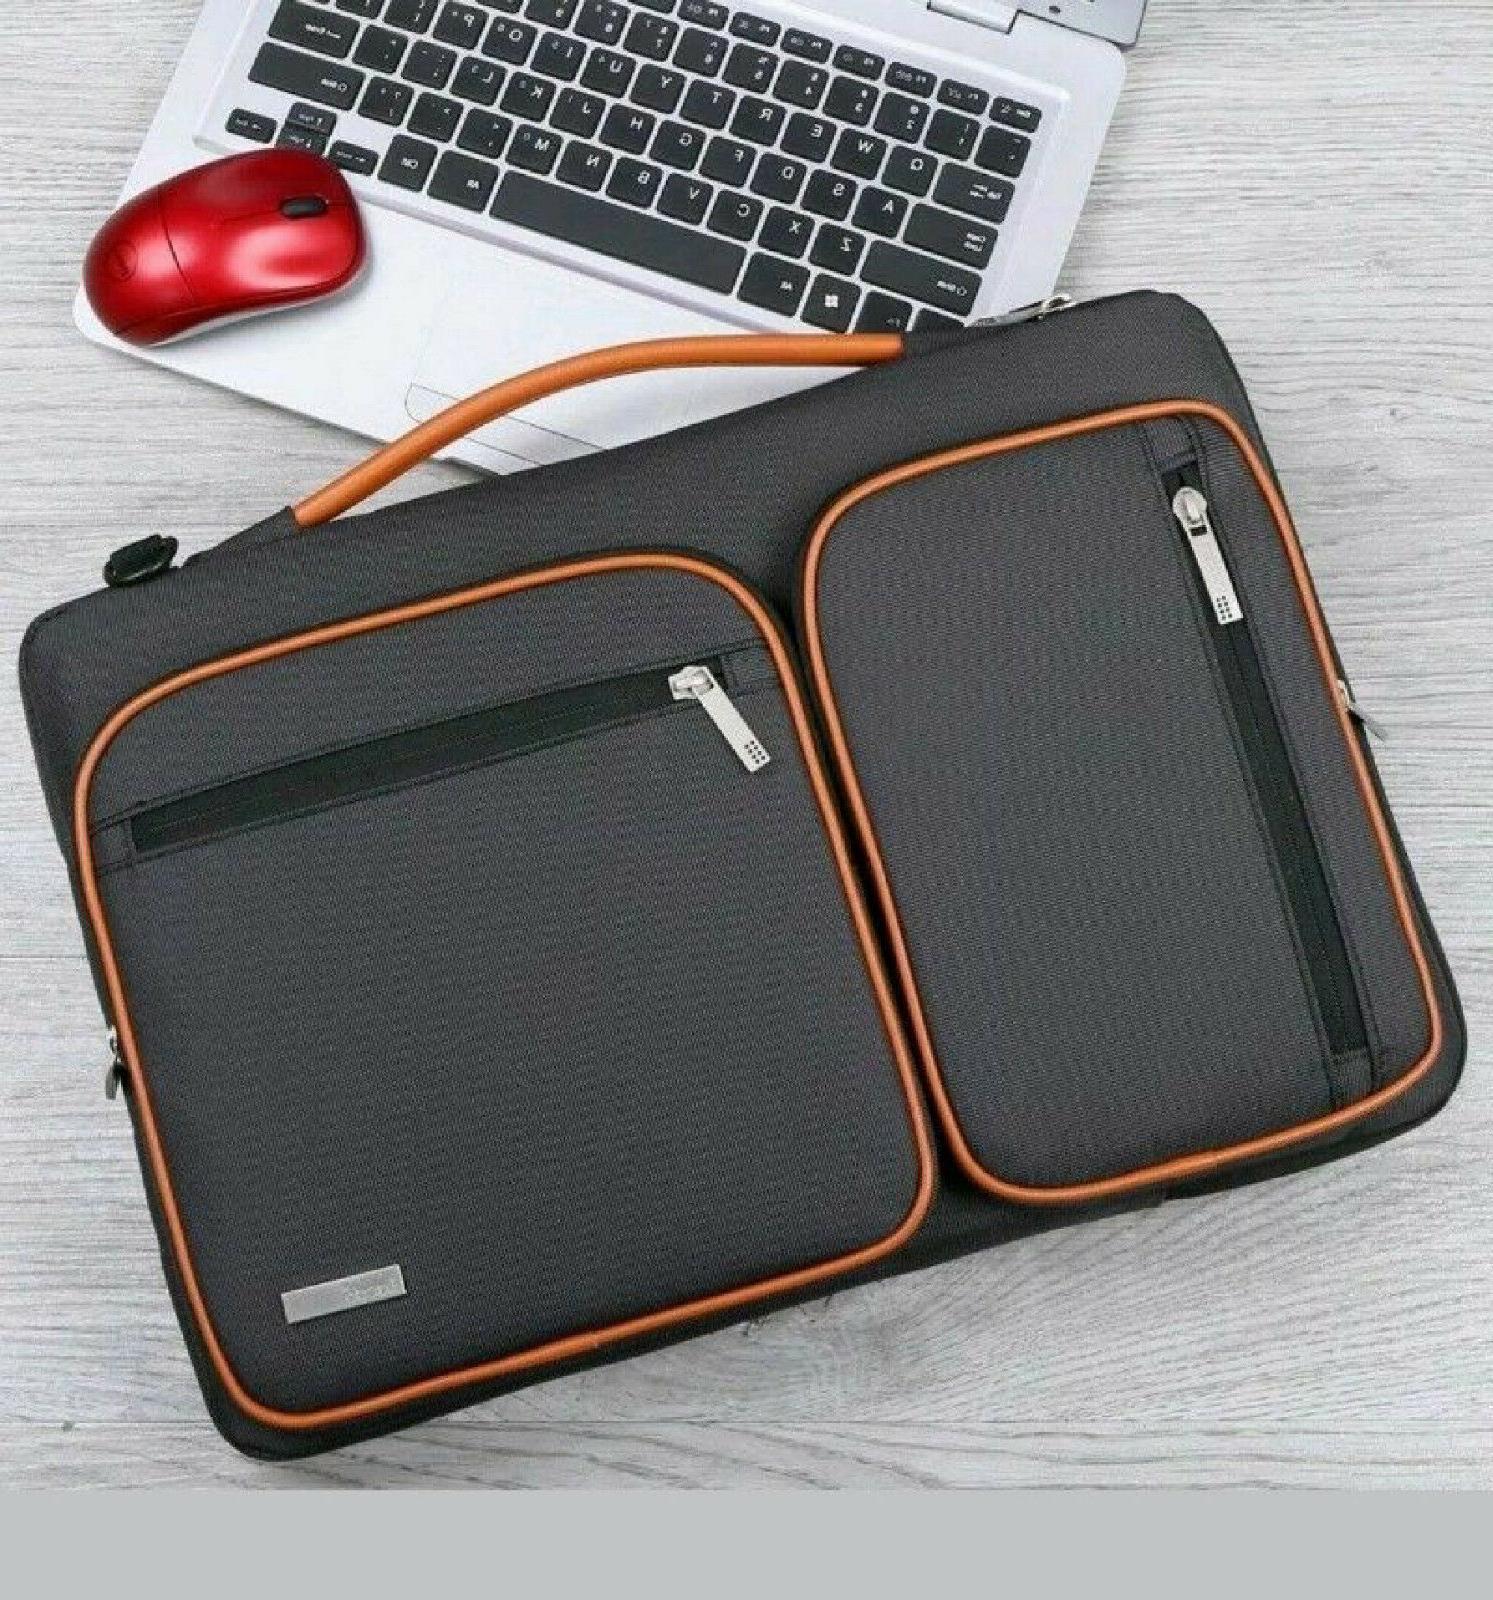 Lacdo Laptop Tablet Bag SHOCKPROOF ZIP Pockets